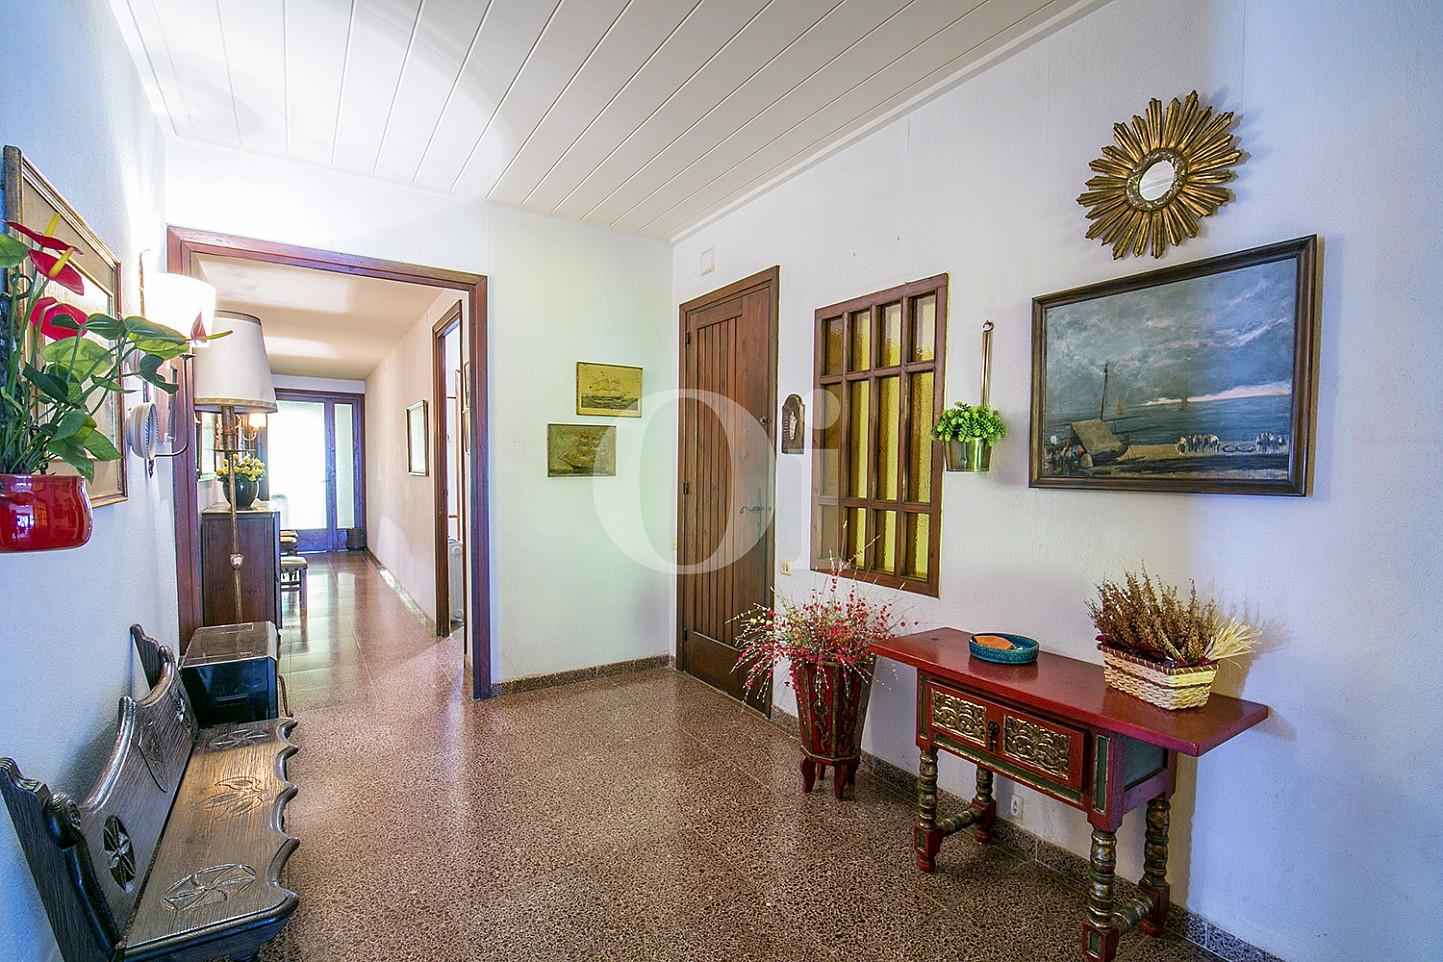 une vue imprenable salon avec vue sur l'extérieur Appartement à vendre à Caldes d'Estrac